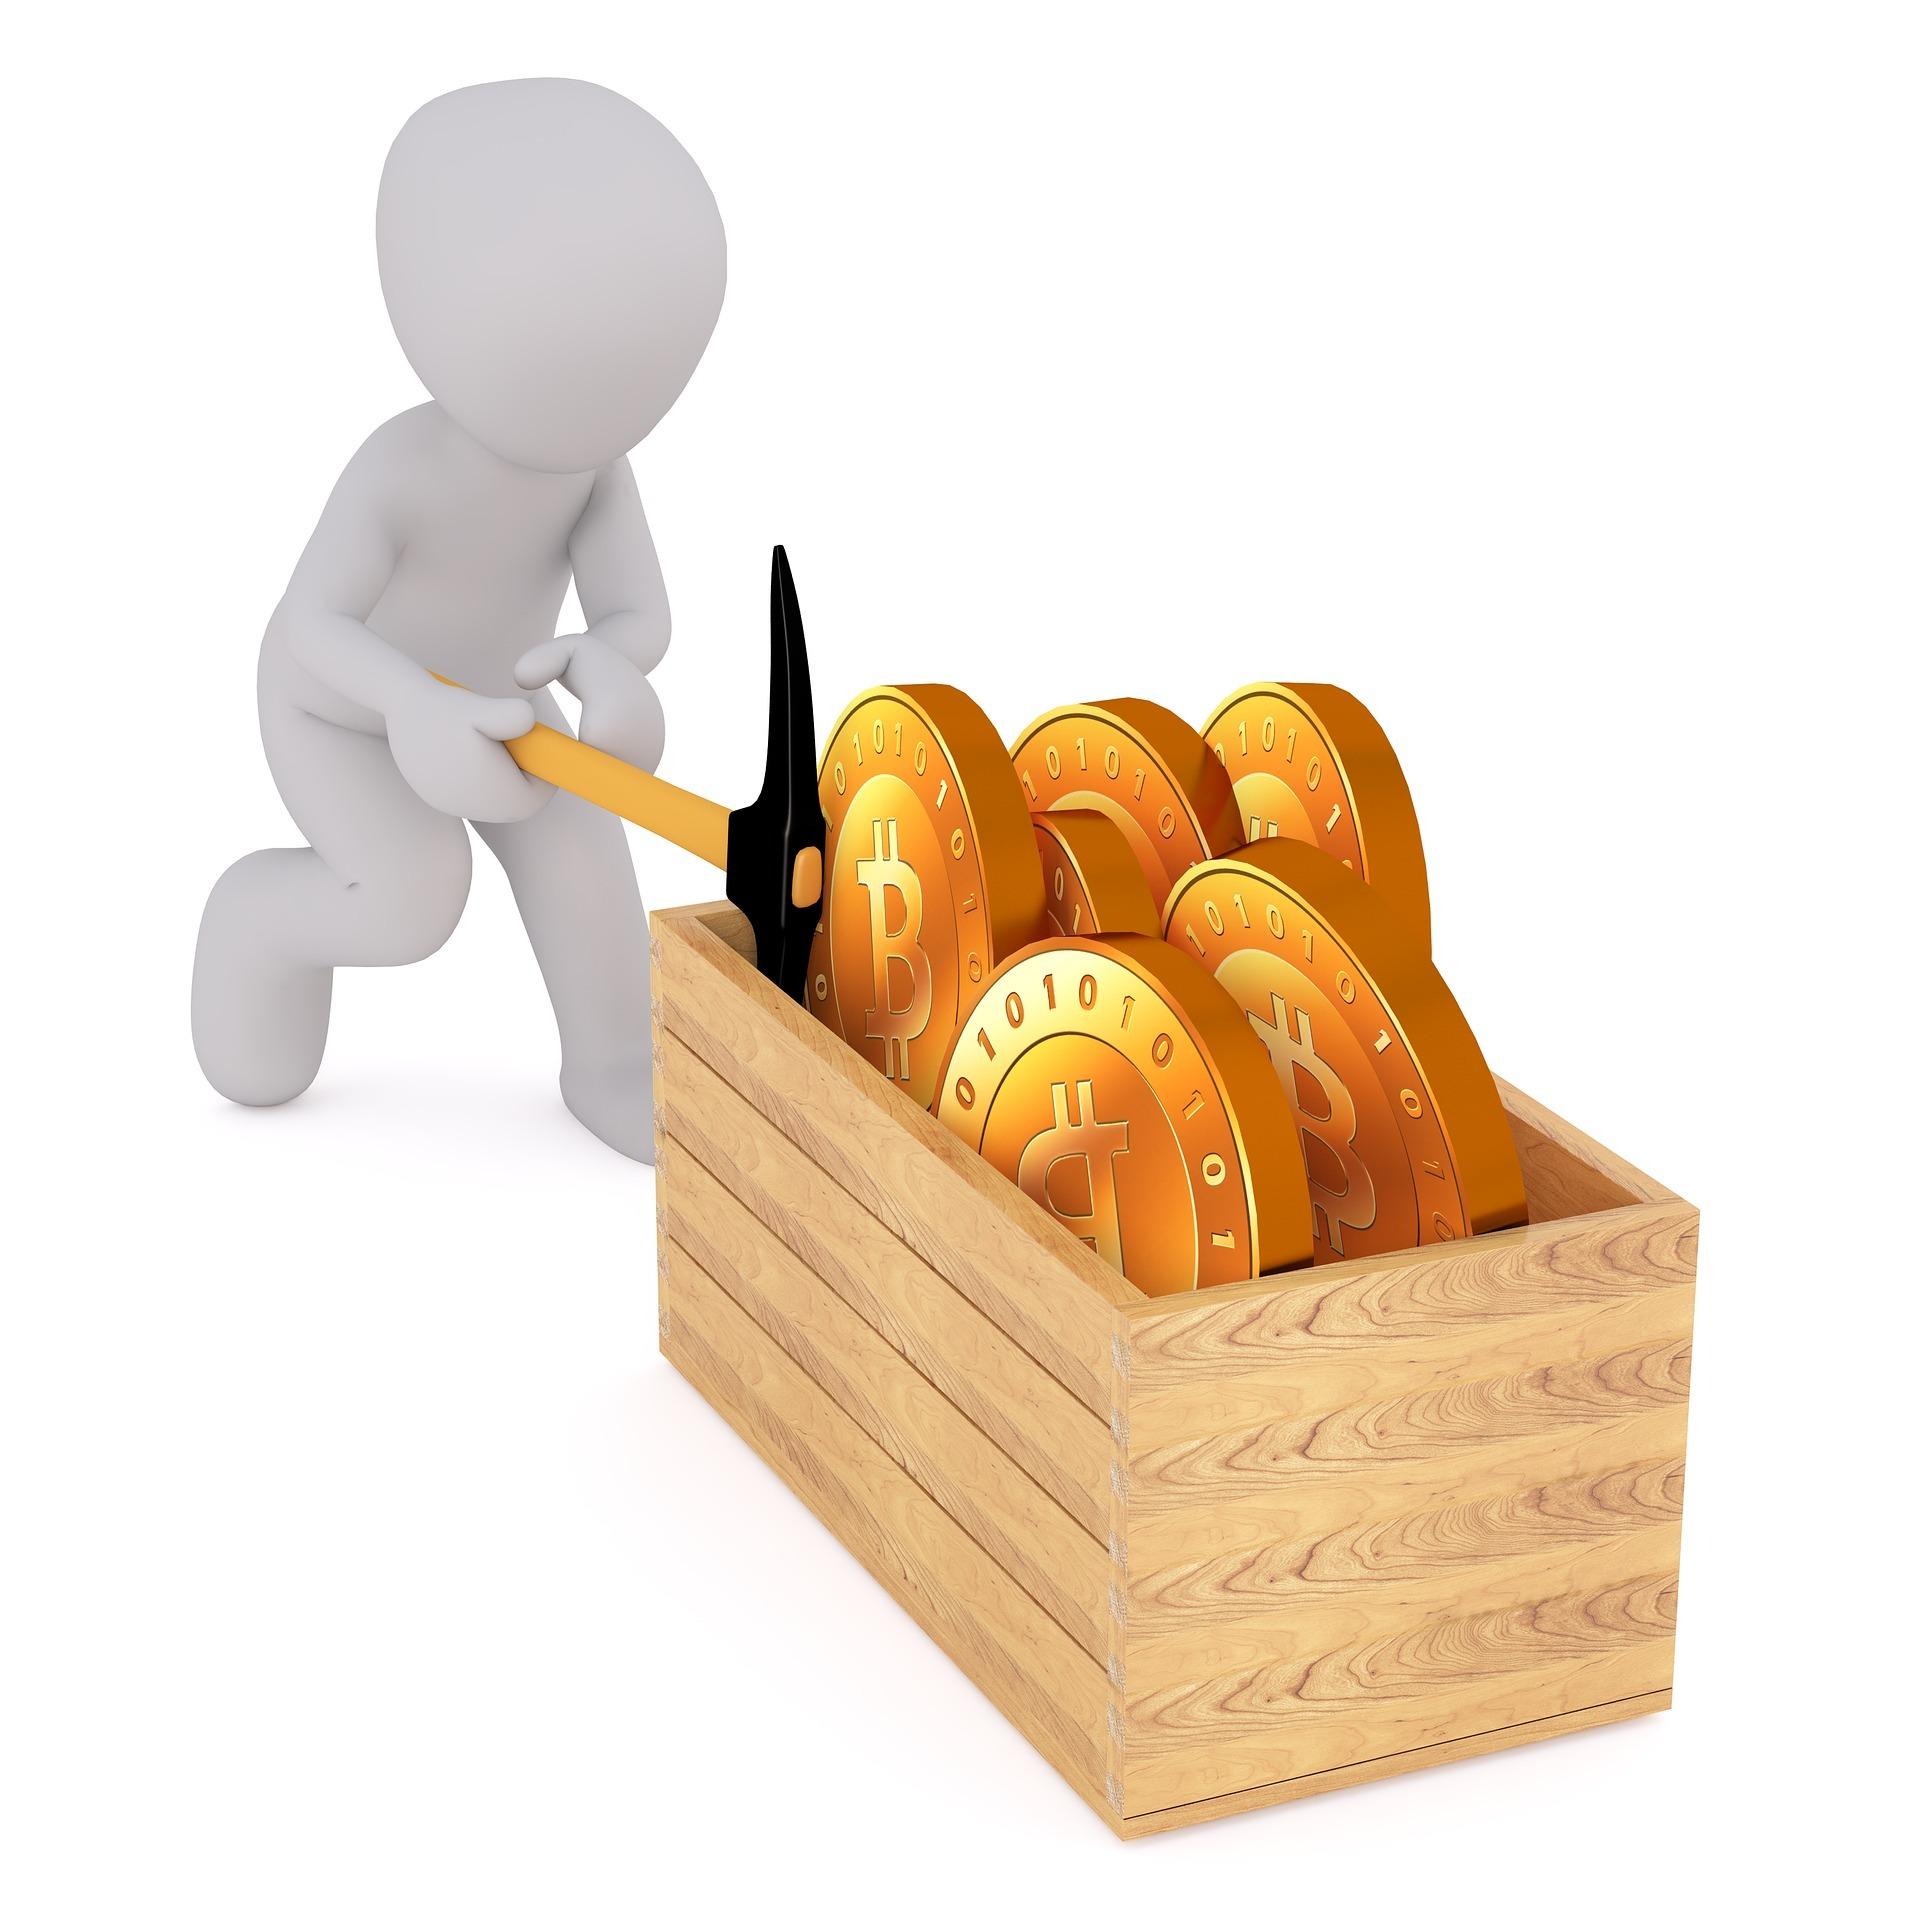 Der Bitcoin Trend - Mitmachen, oder lieber nicht? auf konsumguerilla.net